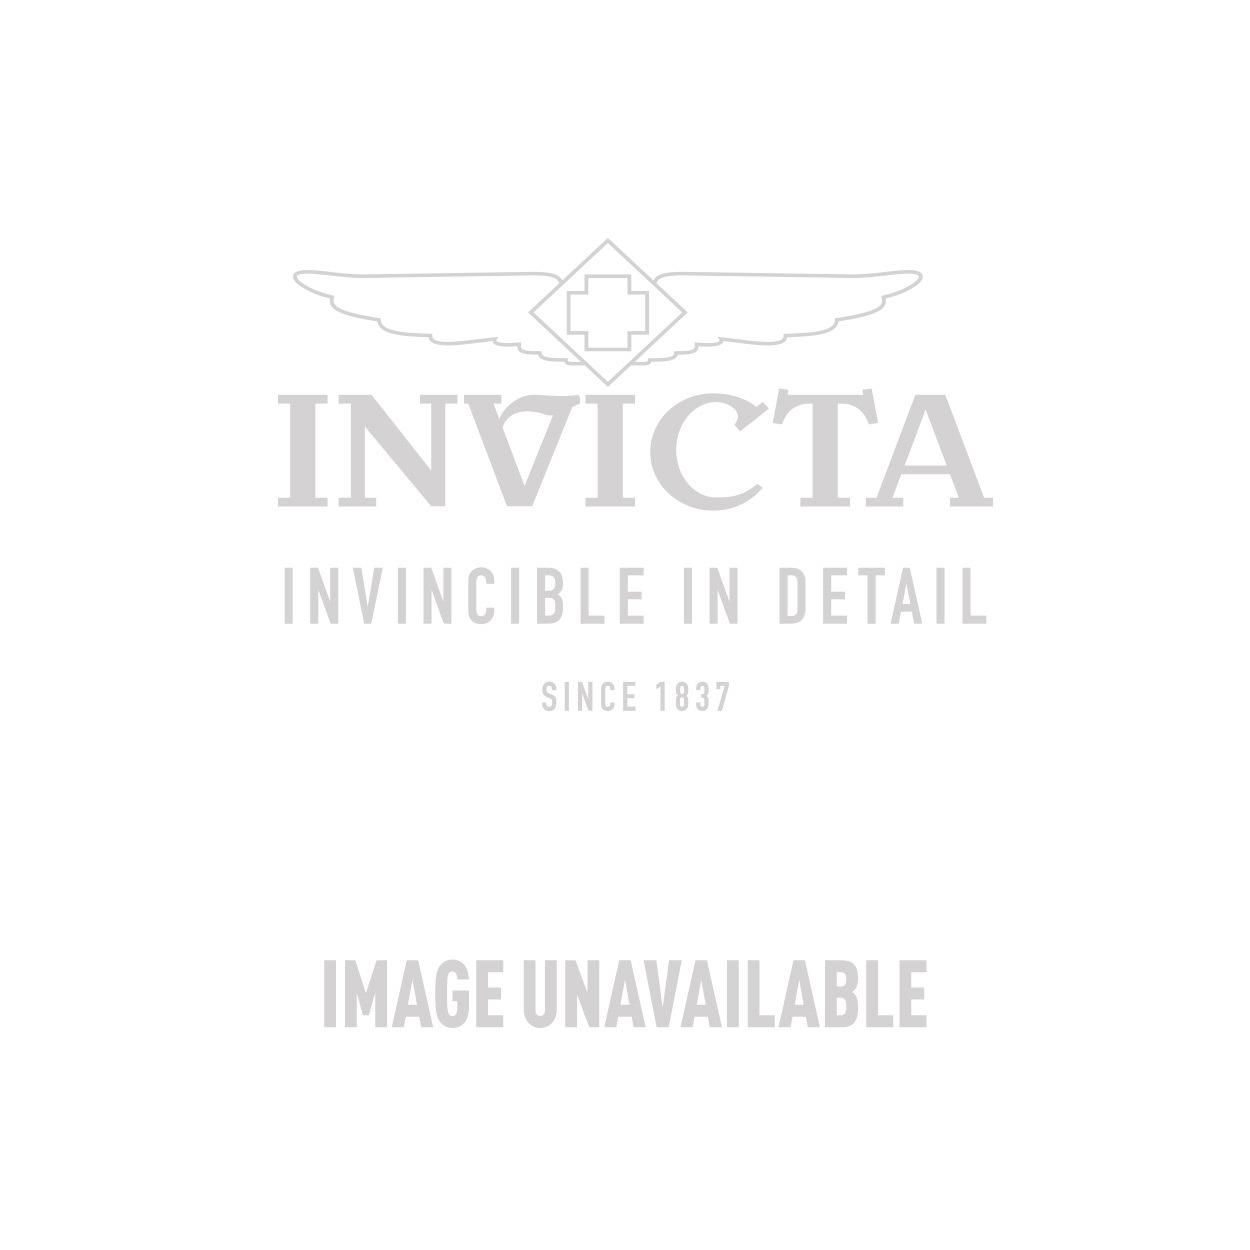 Invicta Model 27354